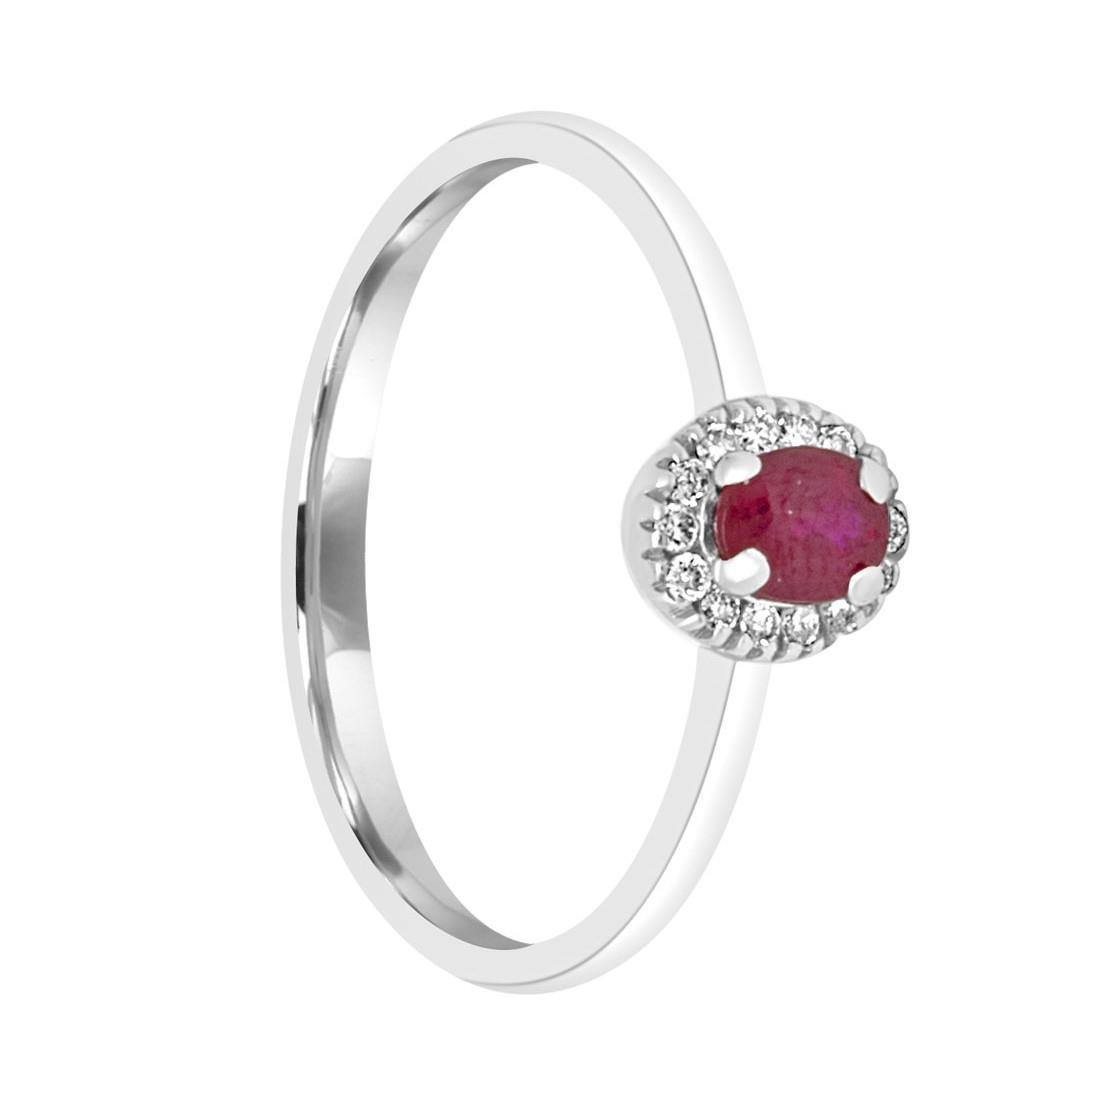 Anello in oro bianco con diamanti e rubino ct. 0,26 - ALFIERI & ST. JOHN